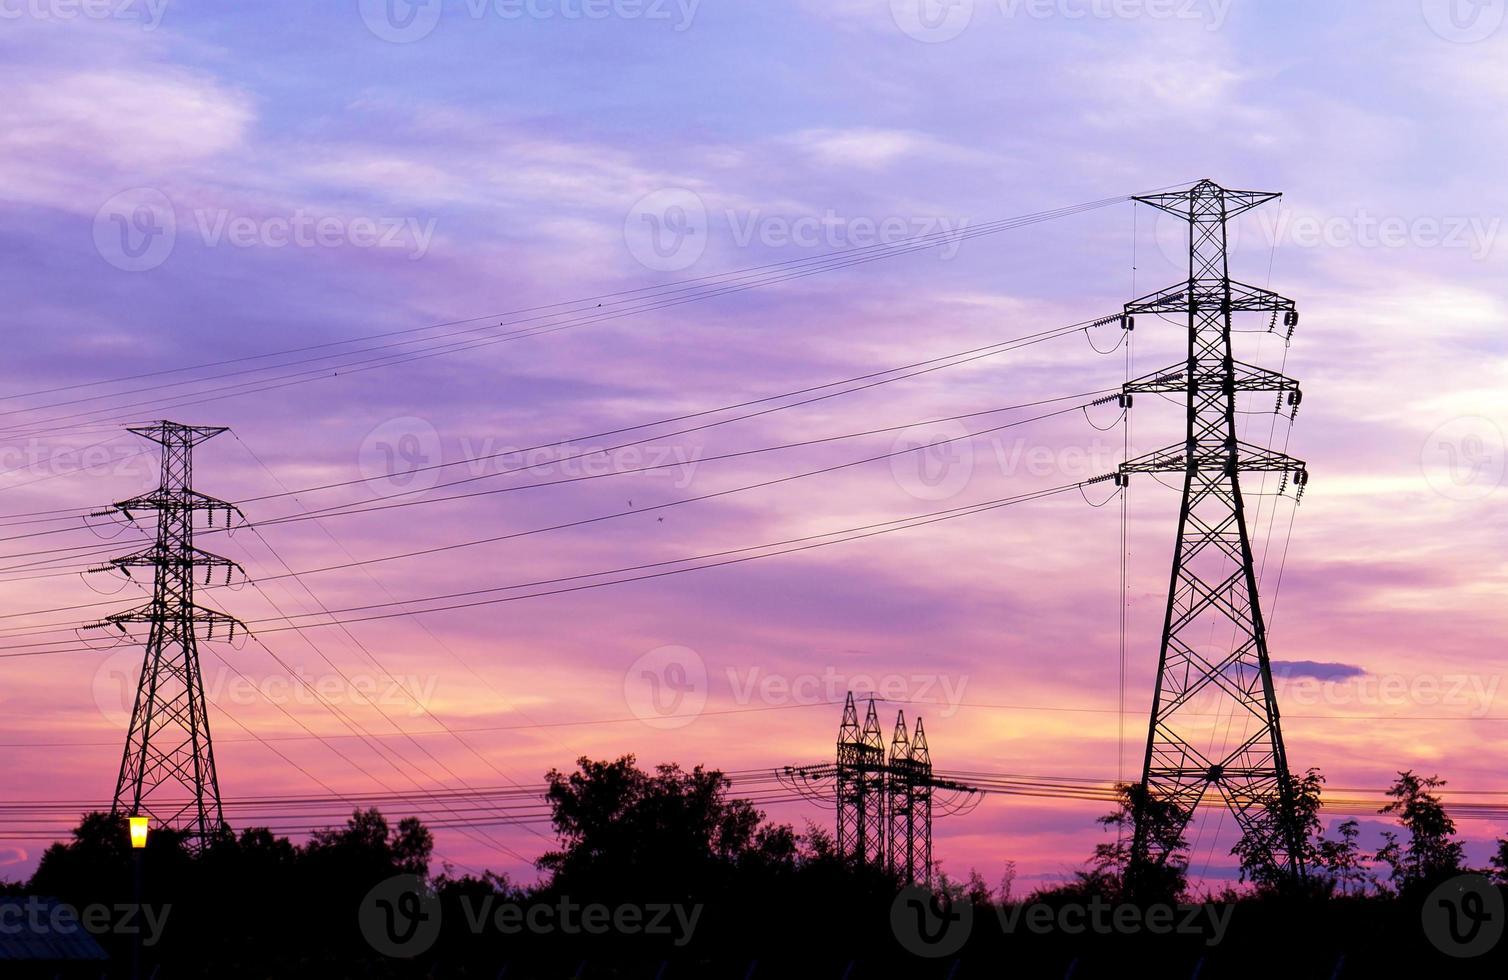 torre di potenza elettrica foto